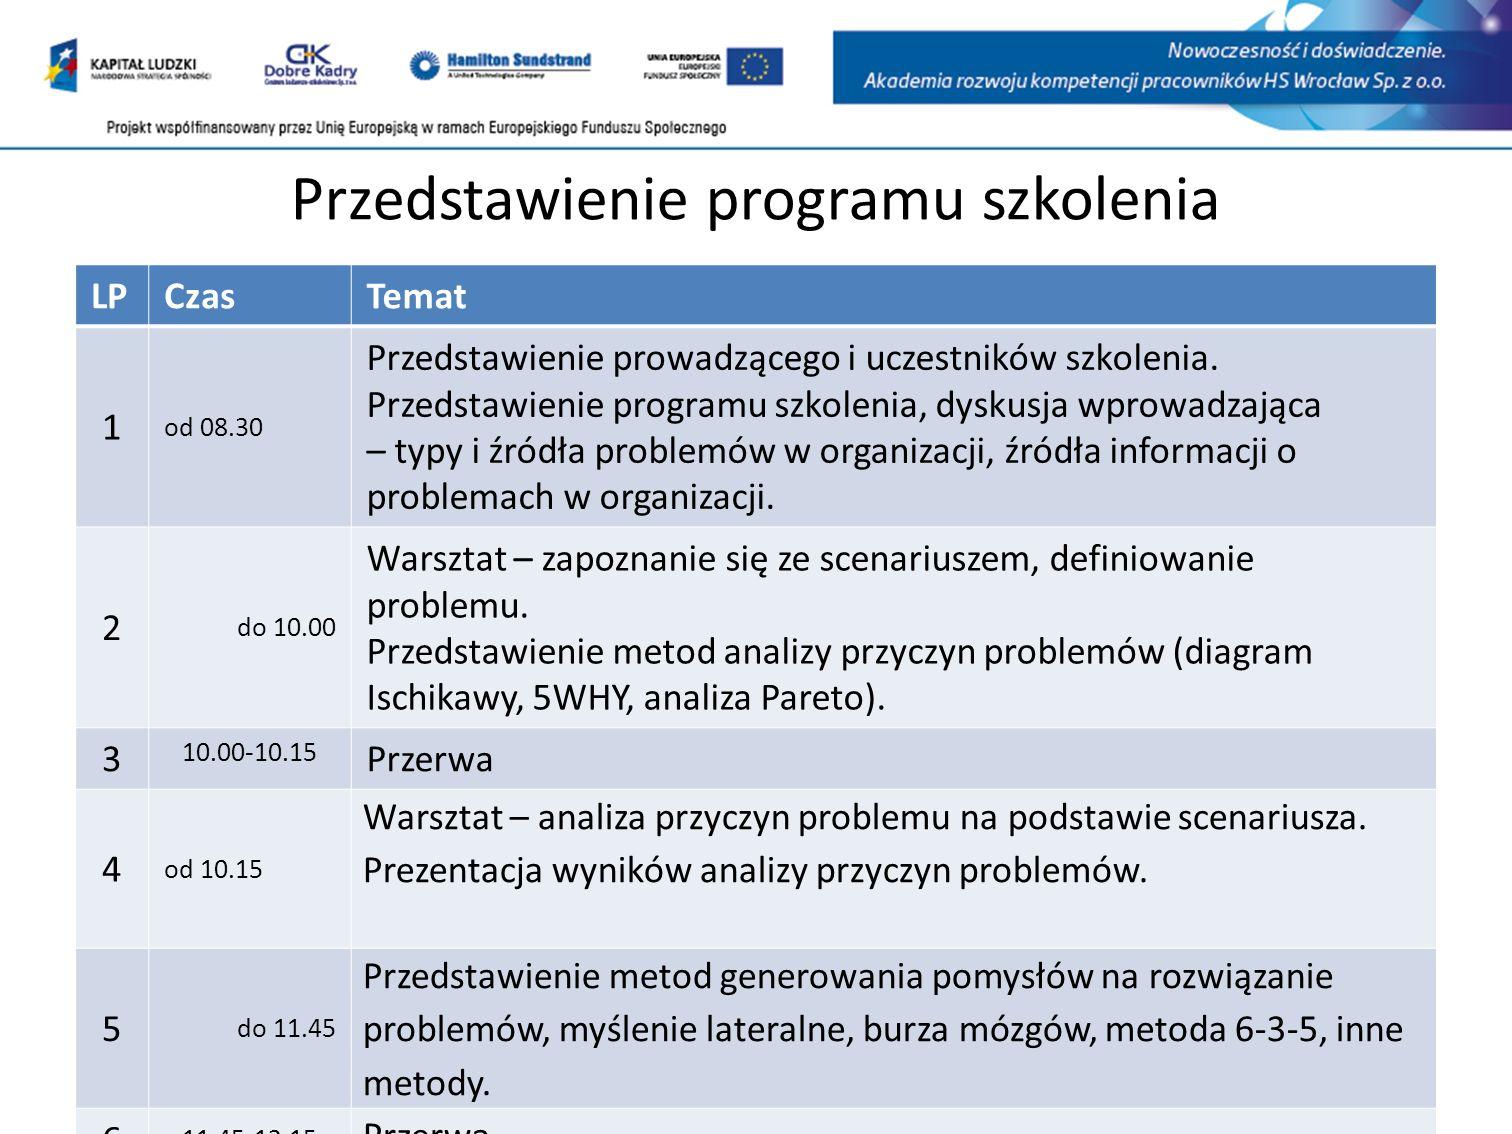 Przedstawienie programu szkolenia LPCzasTemat 1 od 08.30 Przedstawienie prowadzącego i uczestników szkolenia.